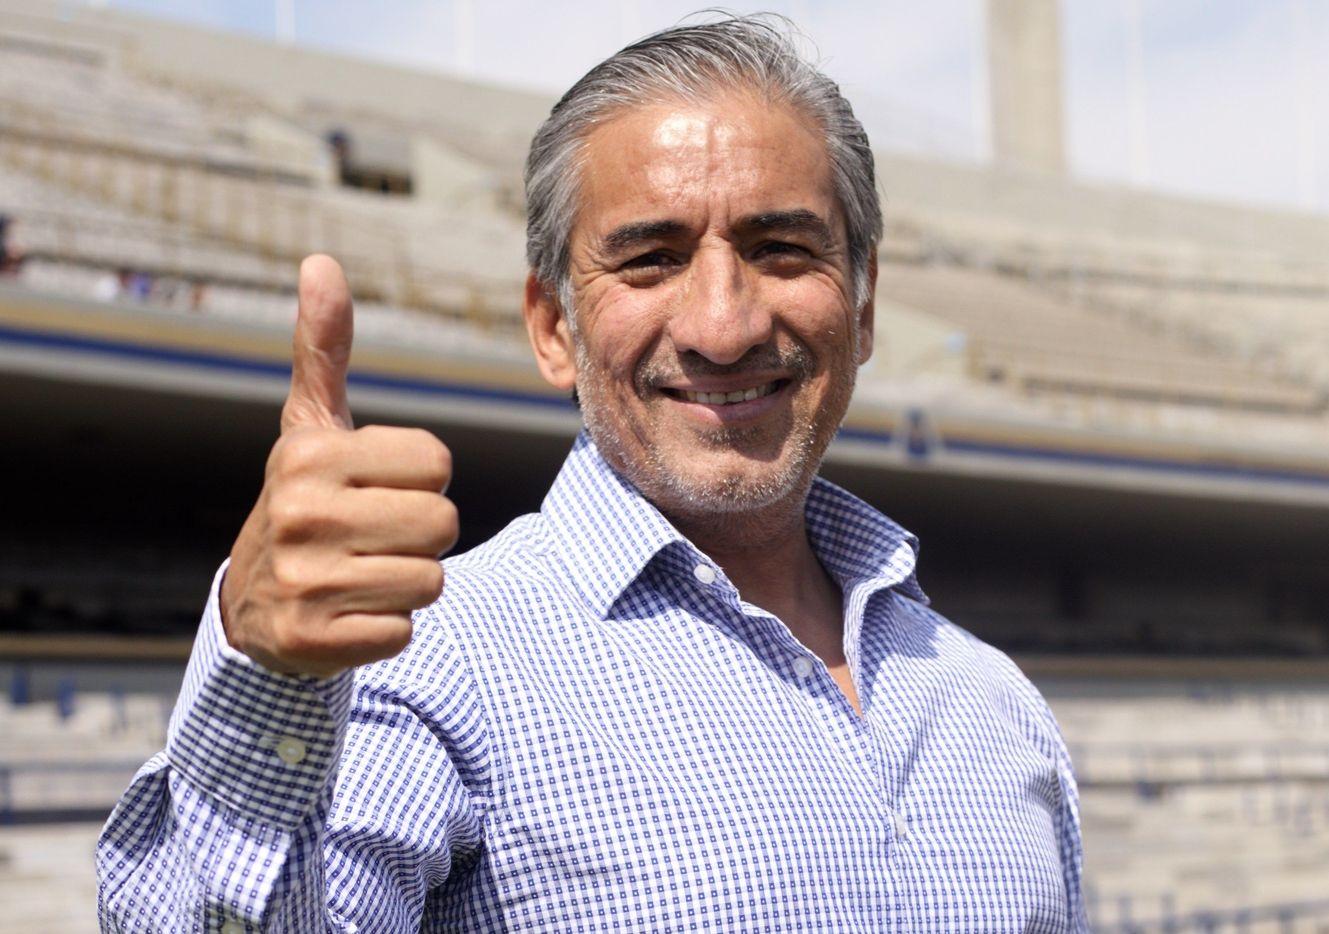 Ernesto Canto se convirtió en leyenda del deporte mexicano por su gran cantidad de éxitos internacionales.